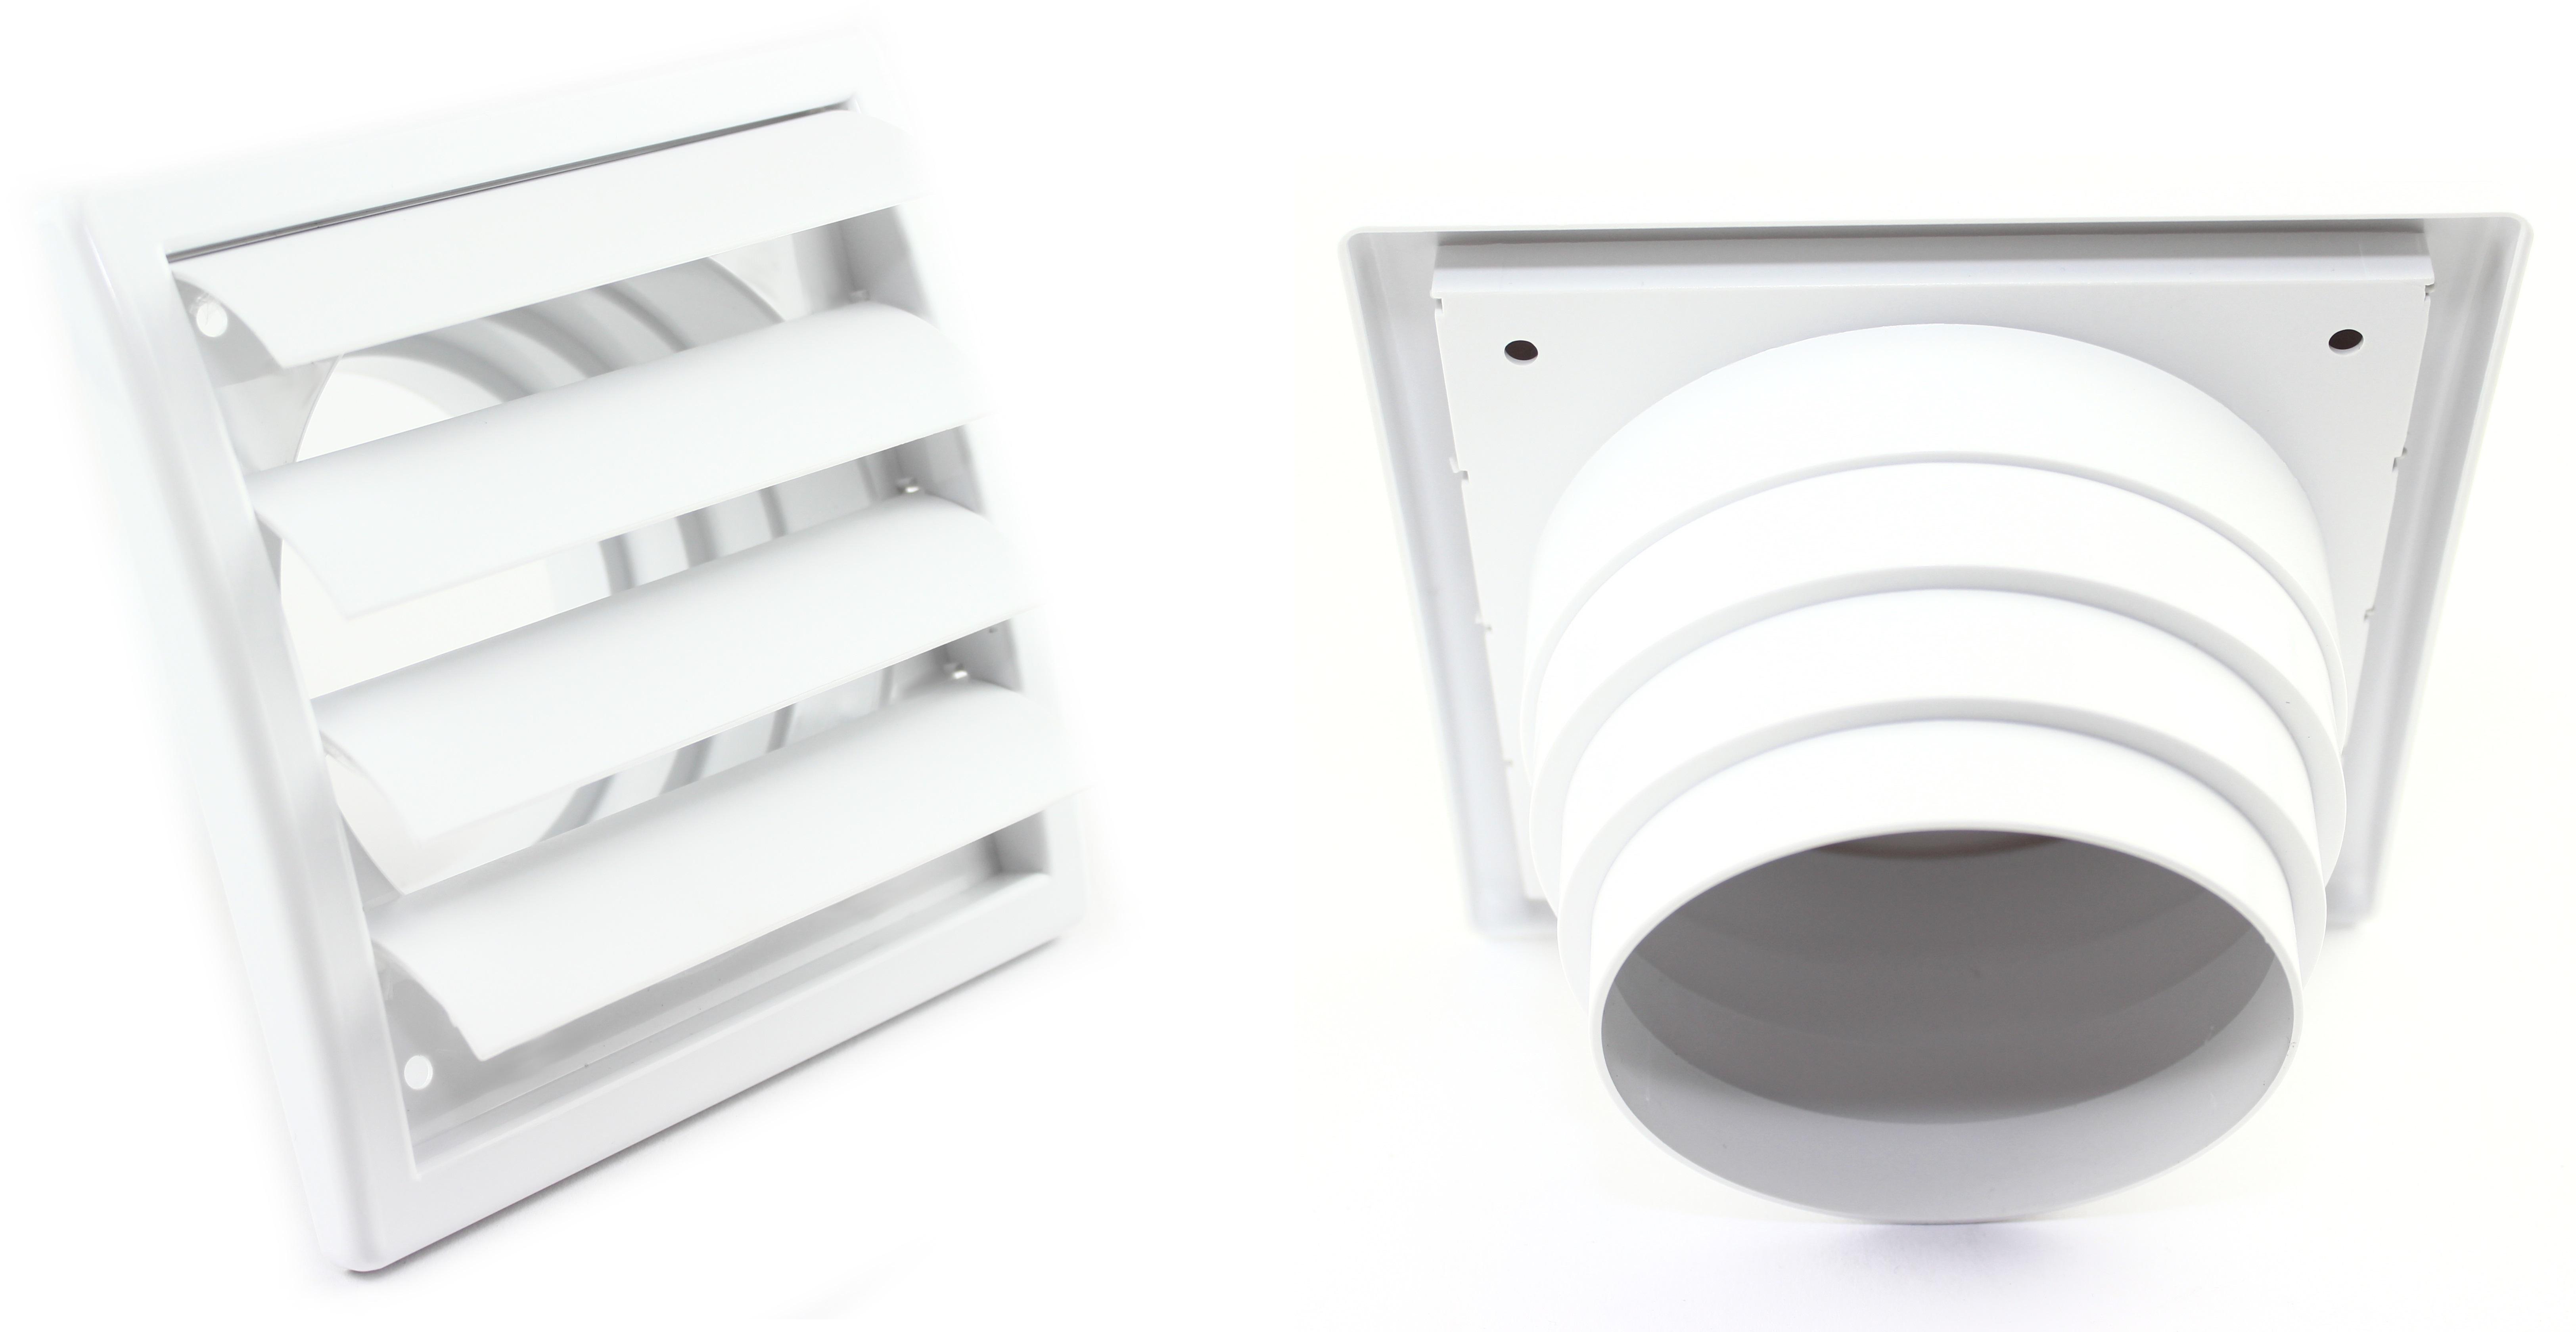 Kunststoff Lüftungsgitter Mit Lamellen In Weiß